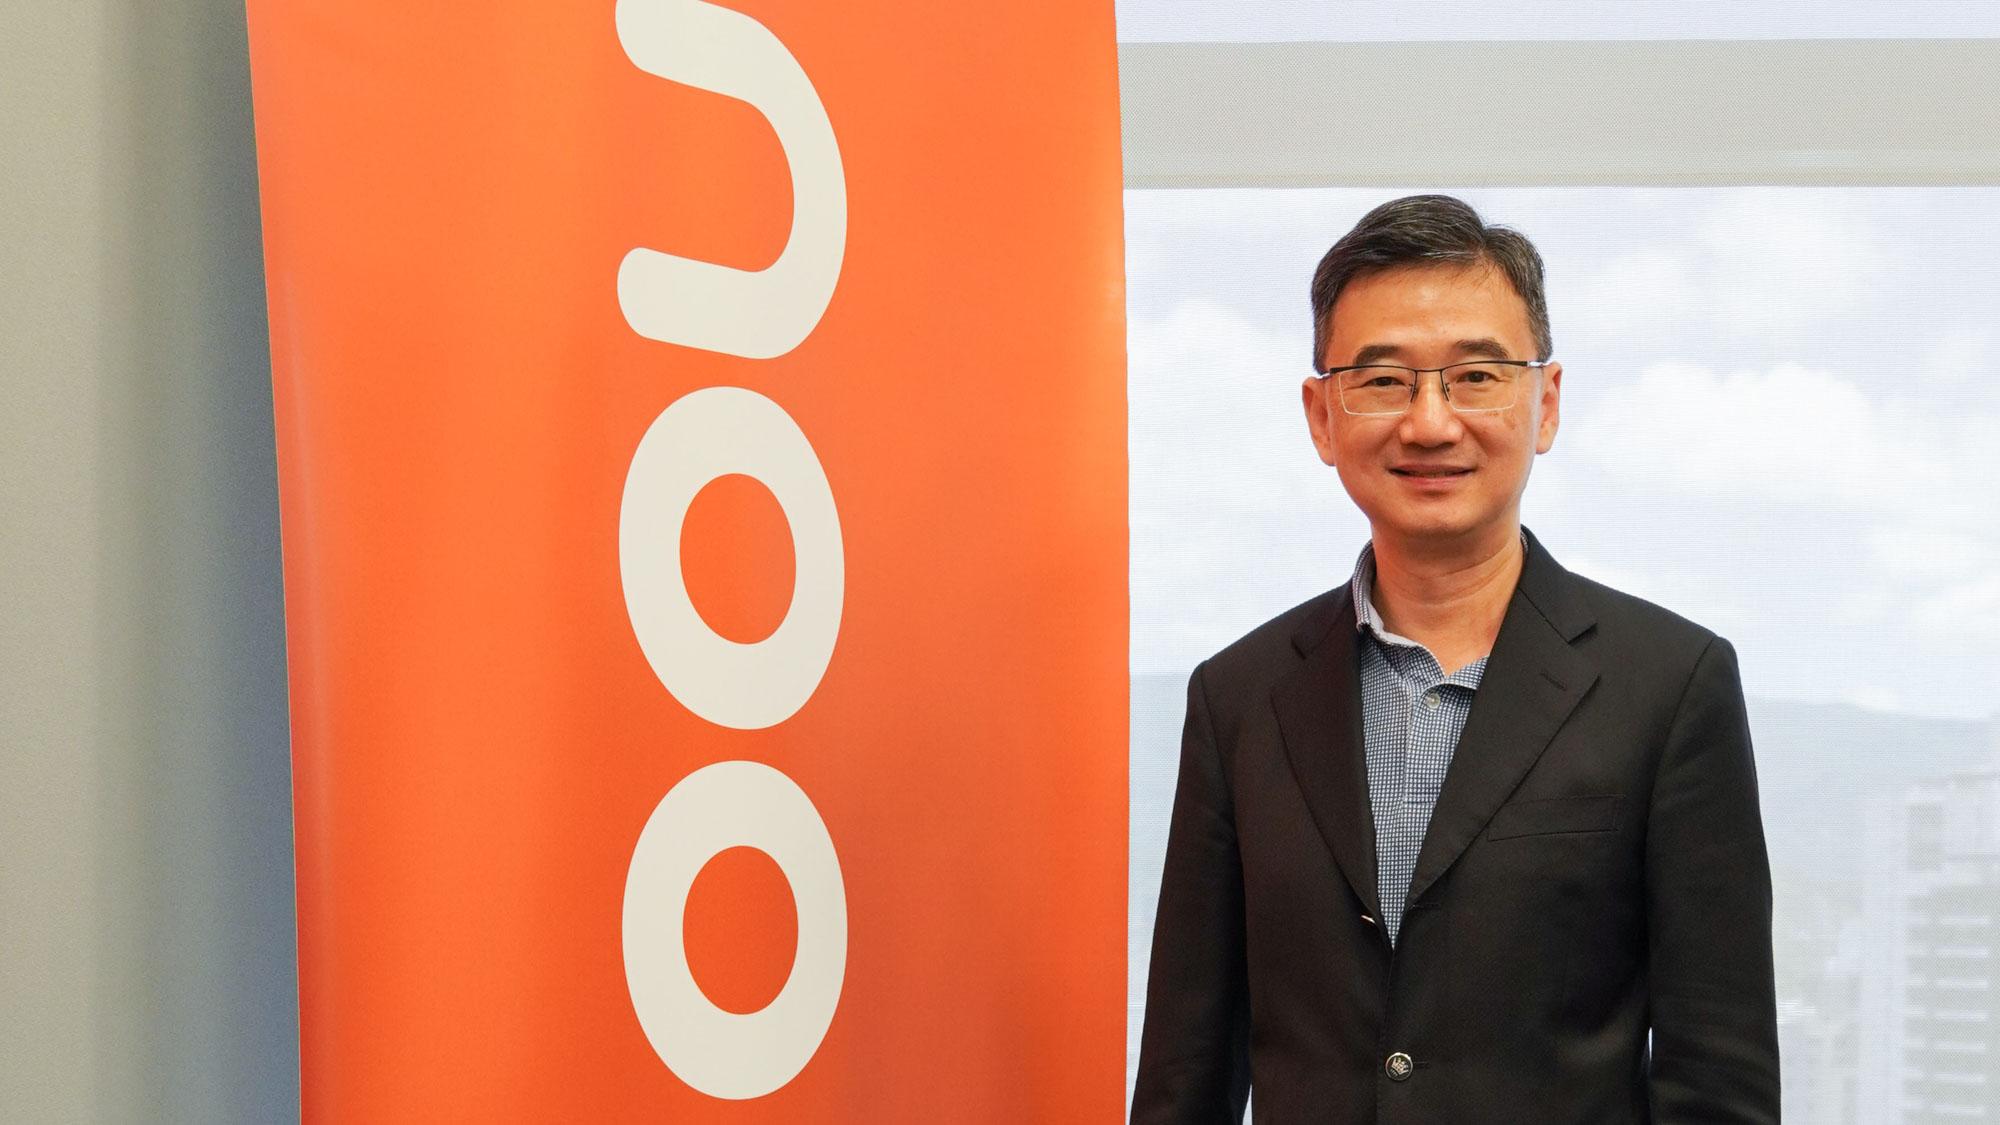 經美國市場淬練過的「軟實力」,Noodoe 於台灣電動車未來扮演智能大腦角色